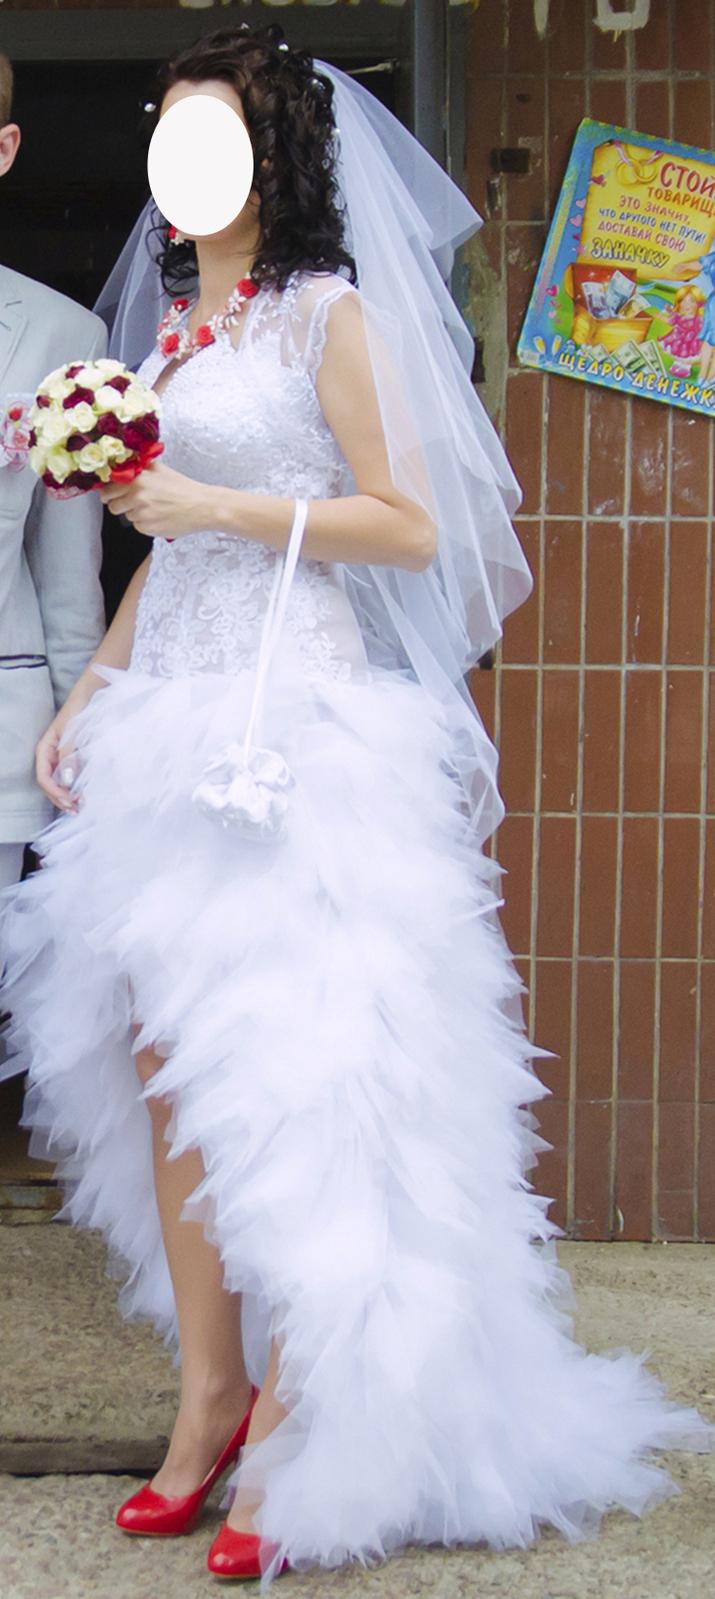 Частное свадебное фото 12 фотография